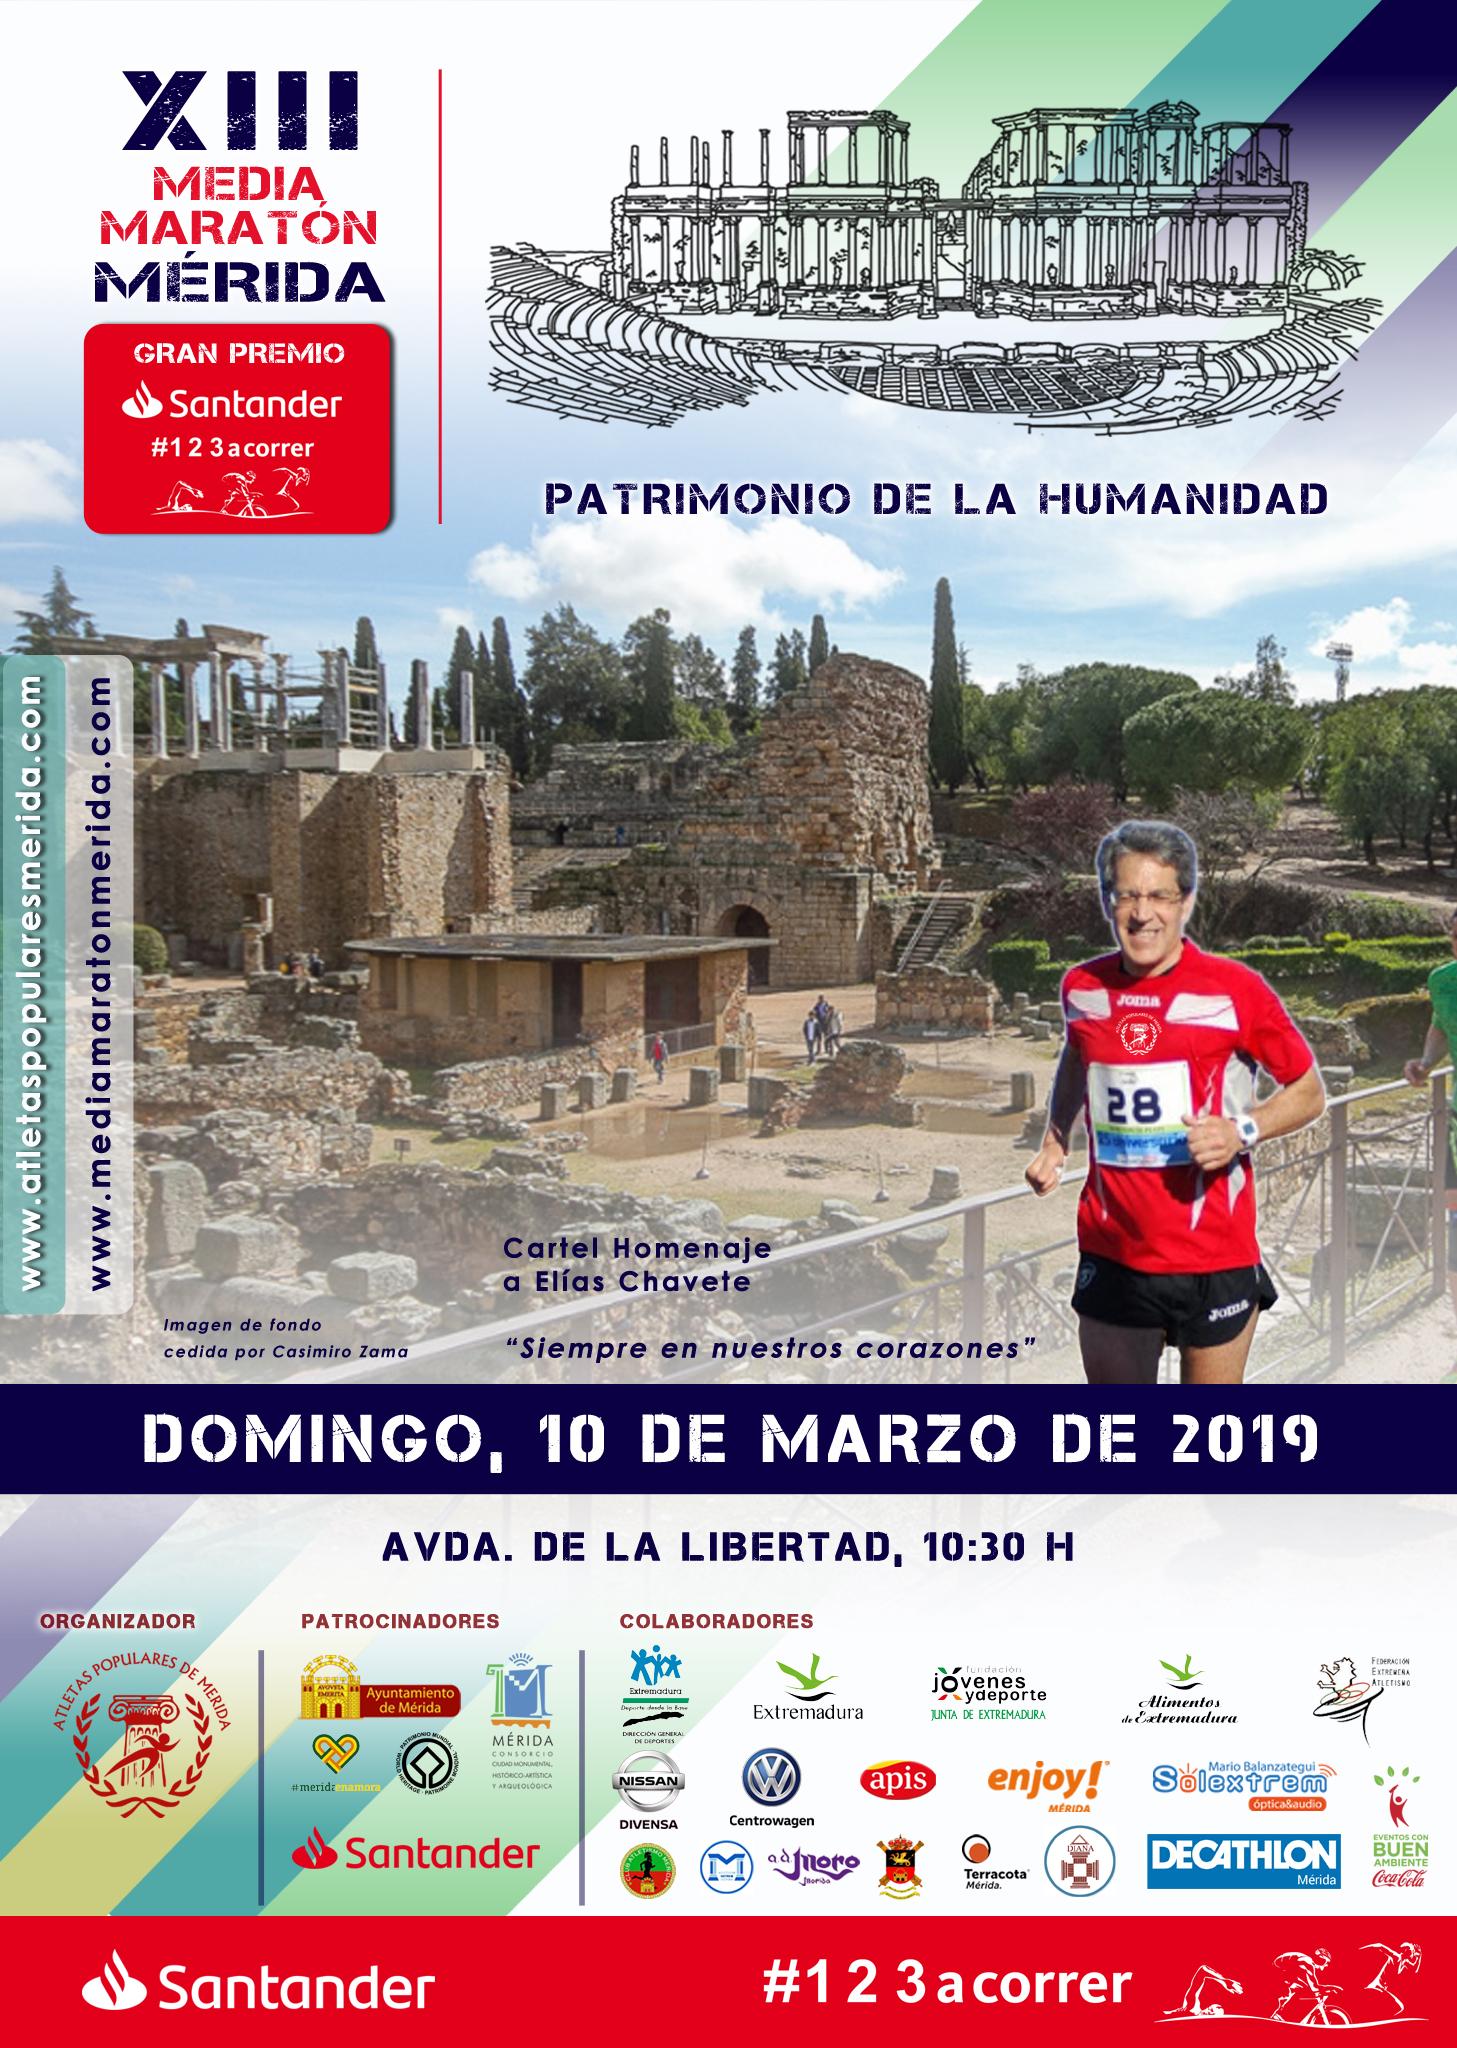 XIII Media Maratón Mérida. Patrimonio de la Humanidad